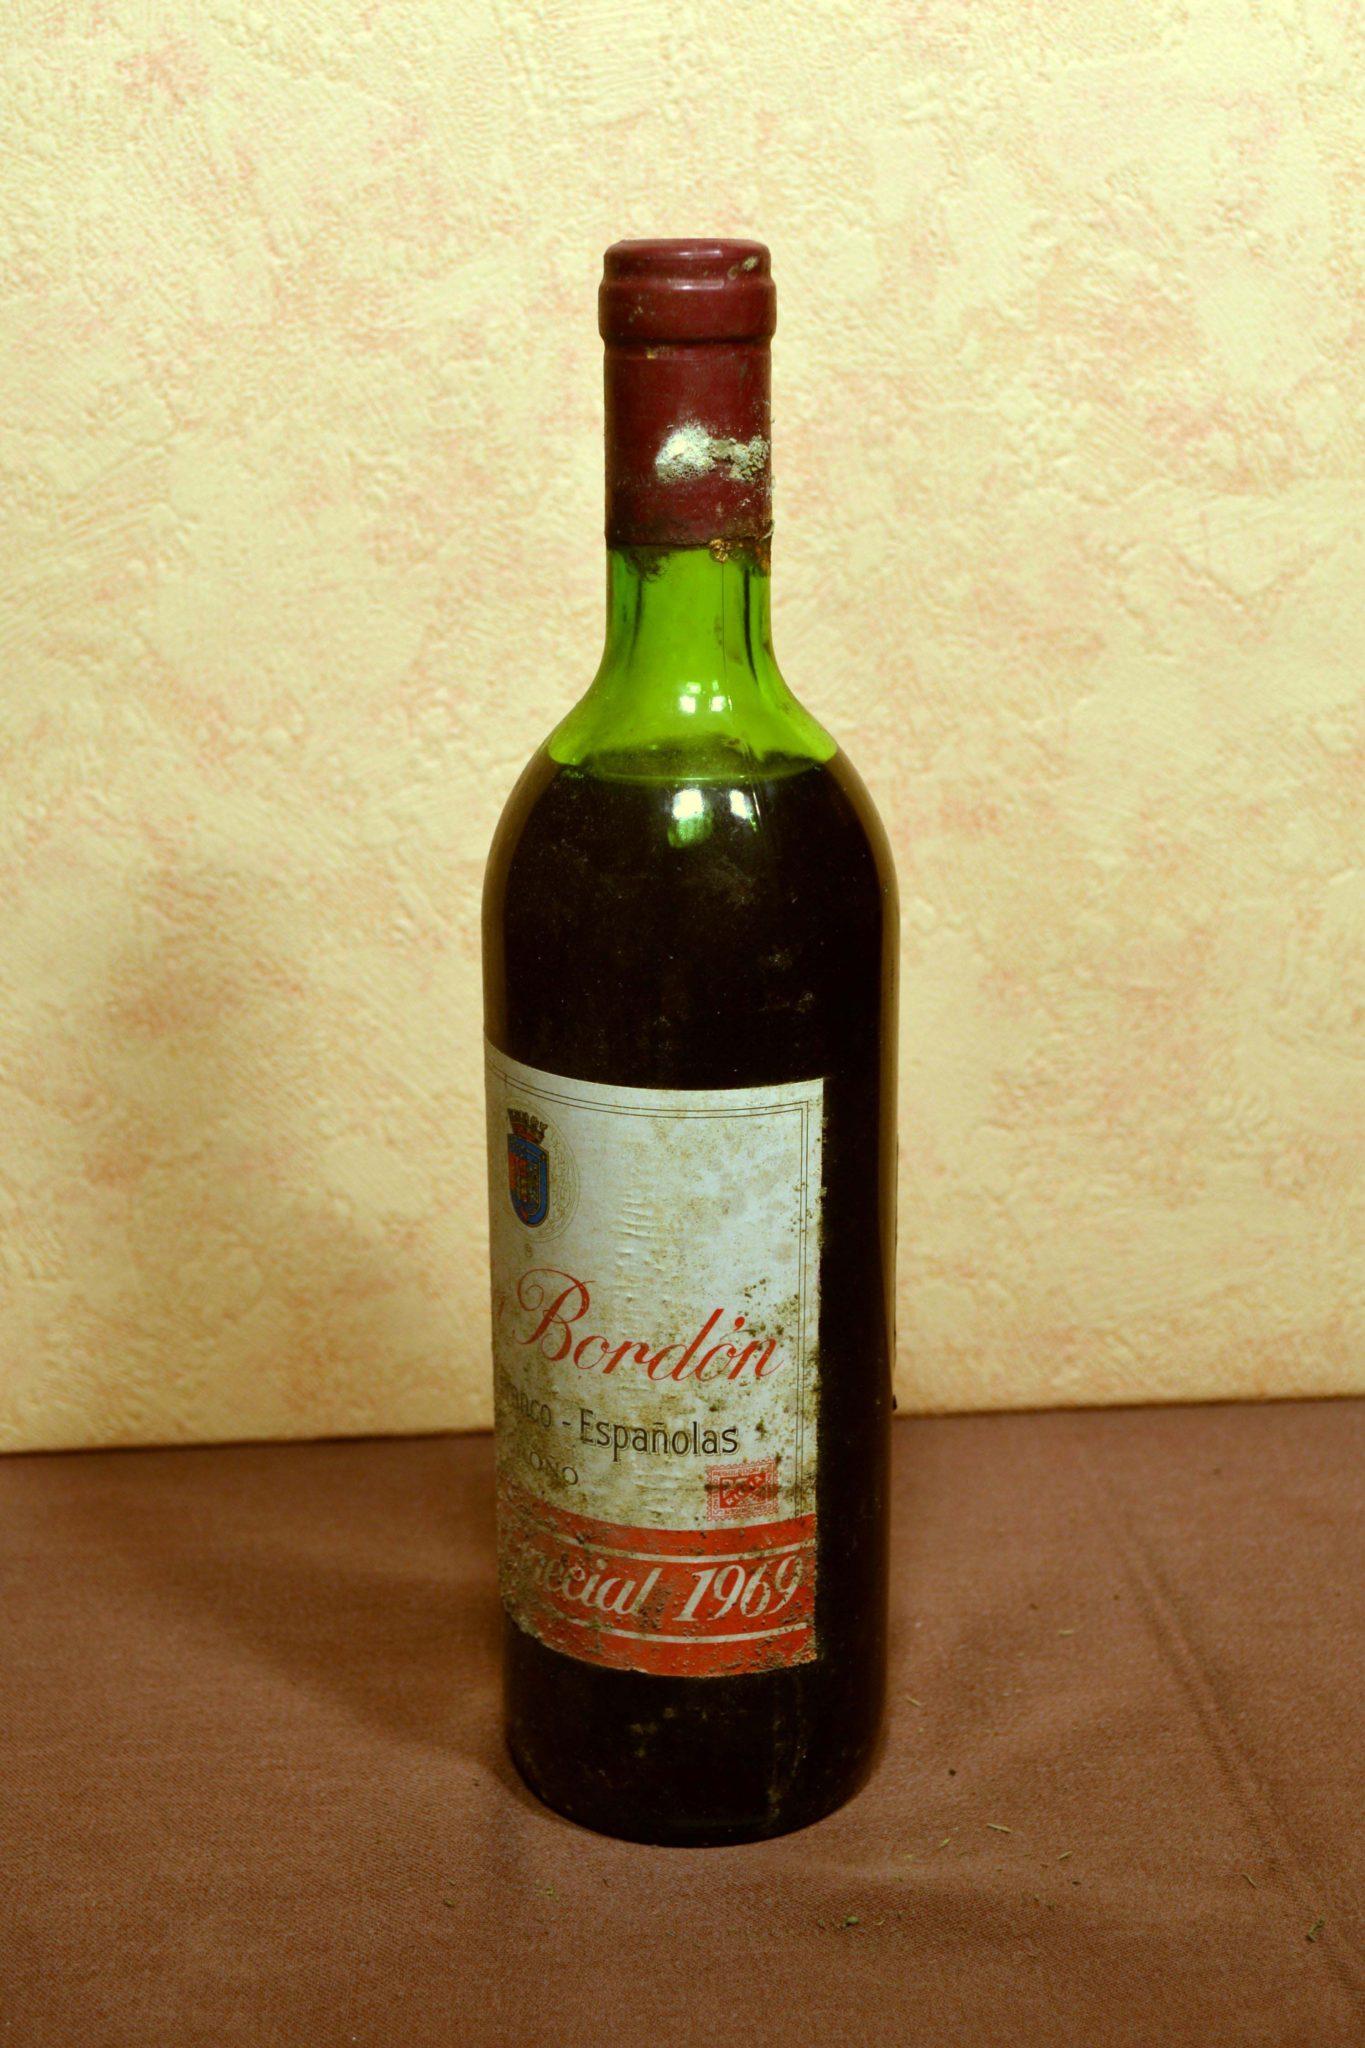 Rioja Bordon Franco Españolas Añada 1969